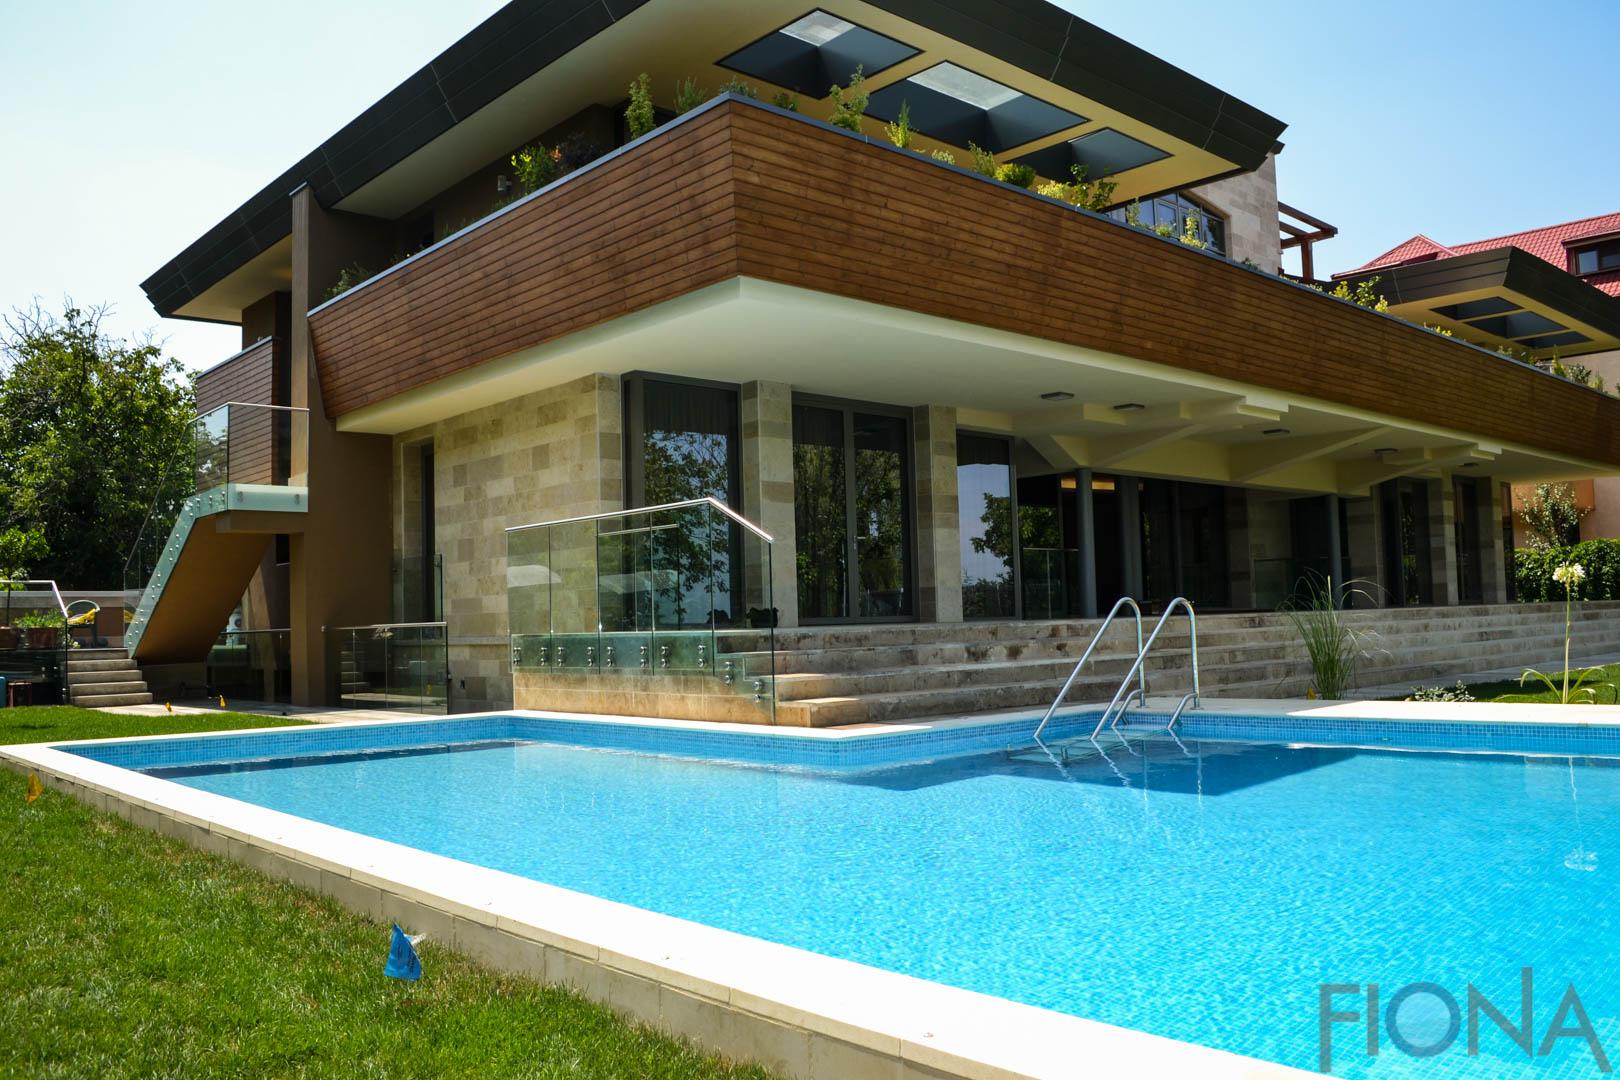 piscina-privata-skimmer7